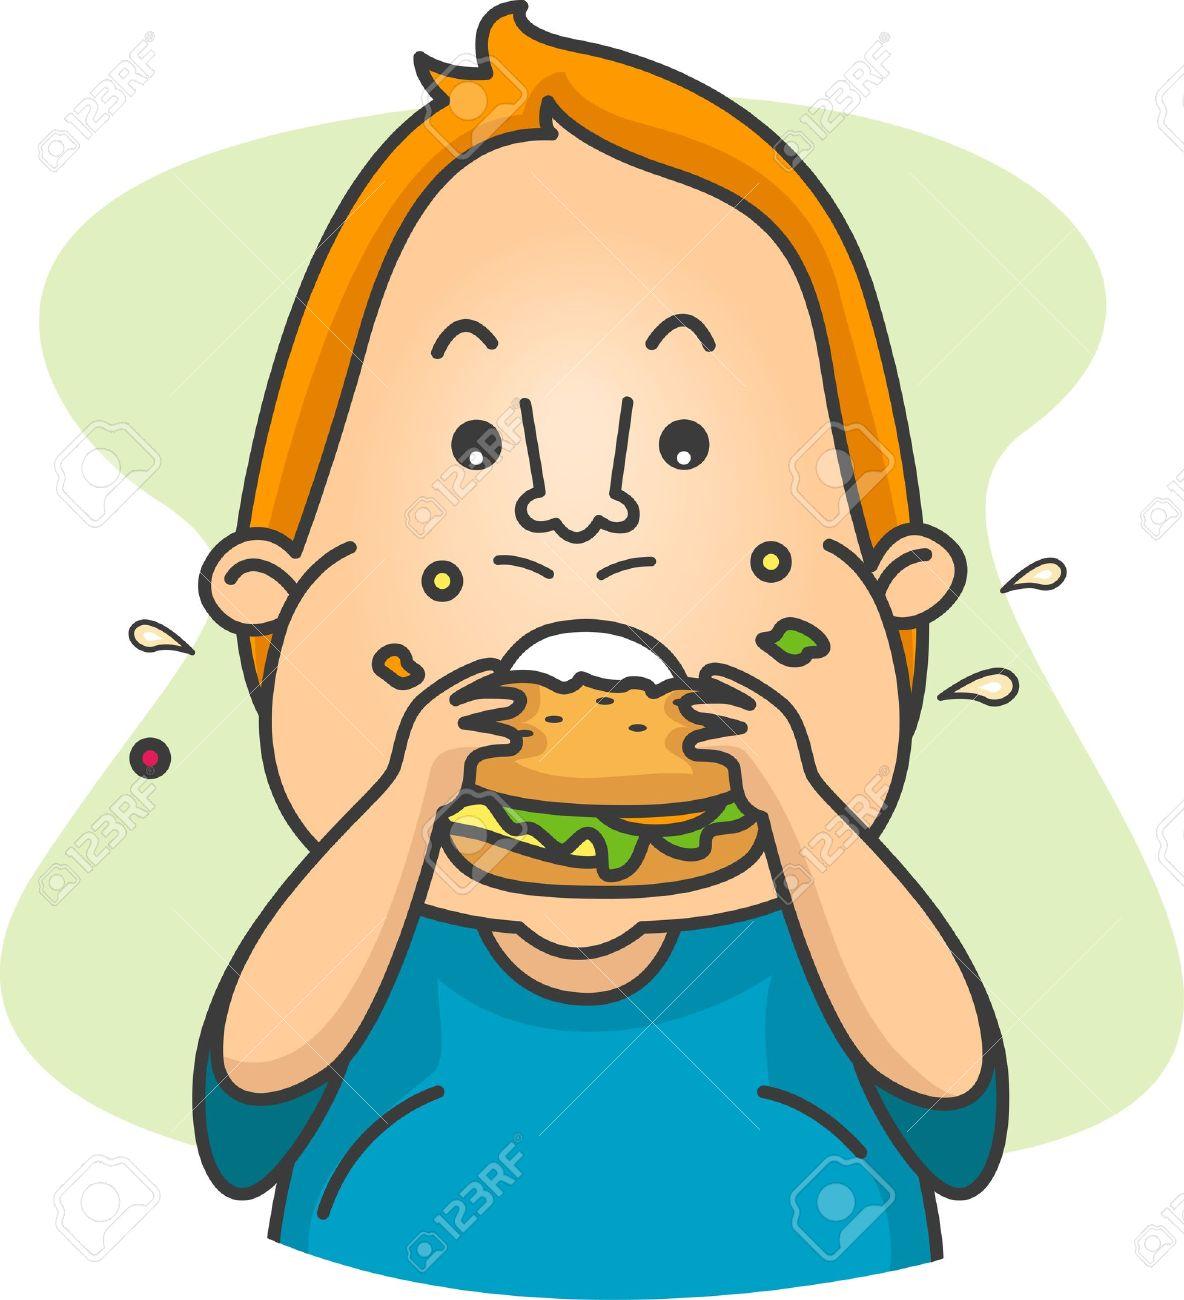 ハンバーガーを食べる人のイラスト の写真素材画像素材 Image 8906254